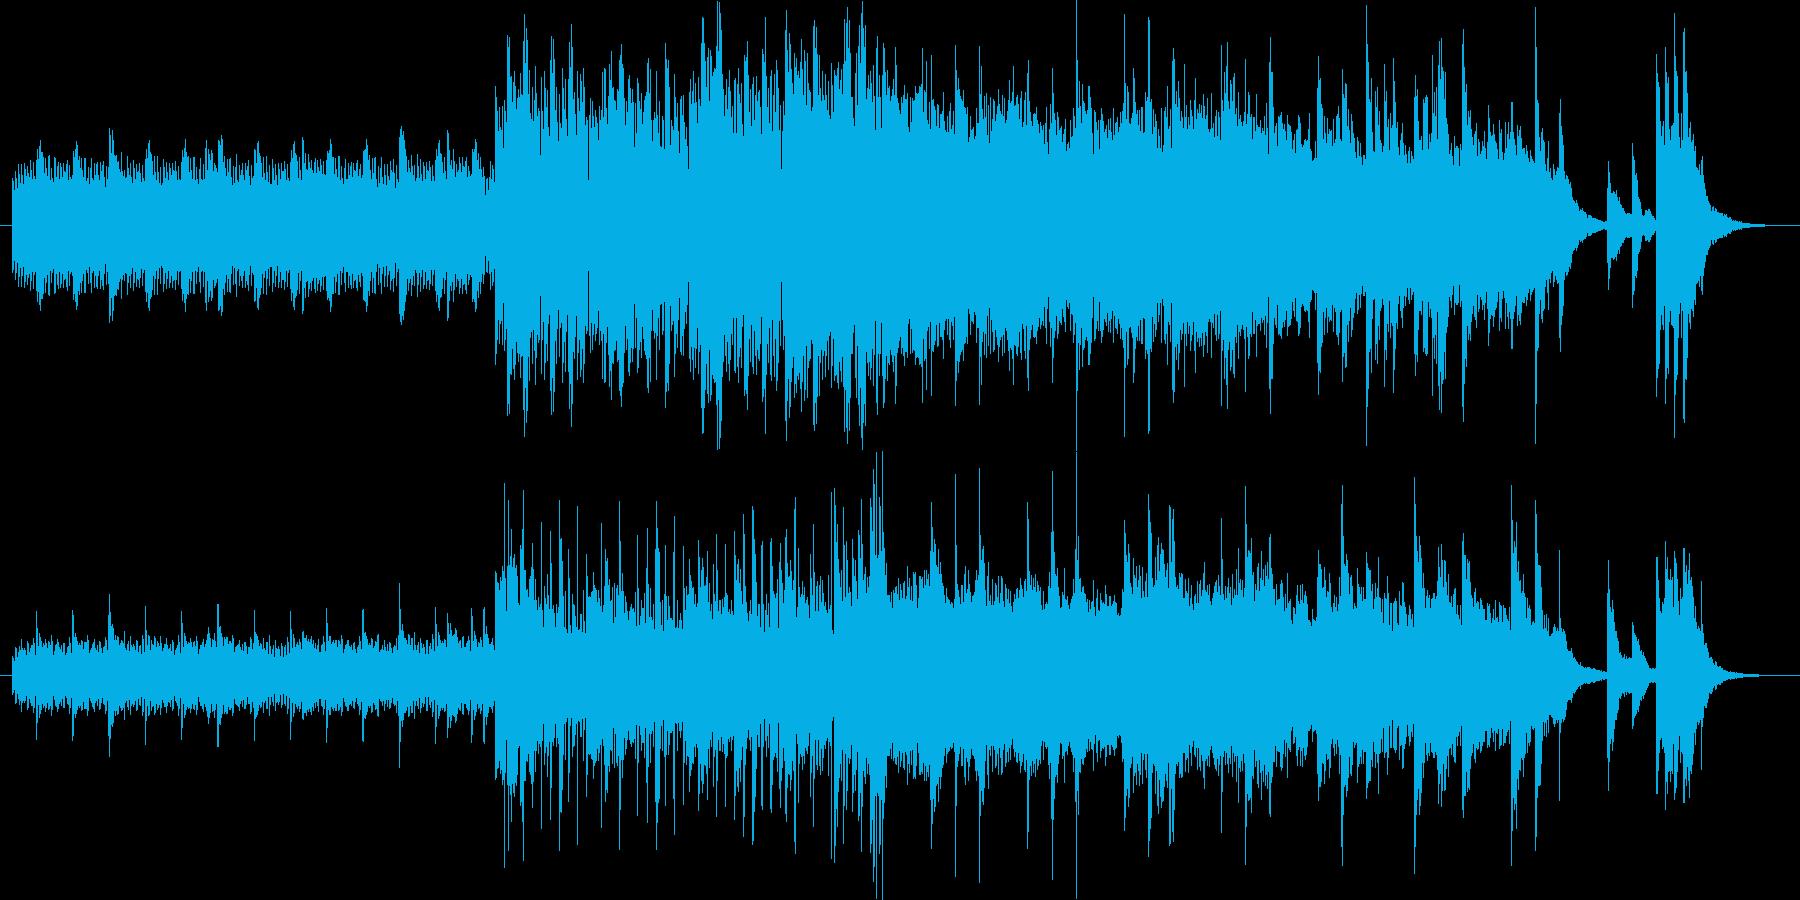 華やかな美しい煌きイメージのピアノ曲の再生済みの波形